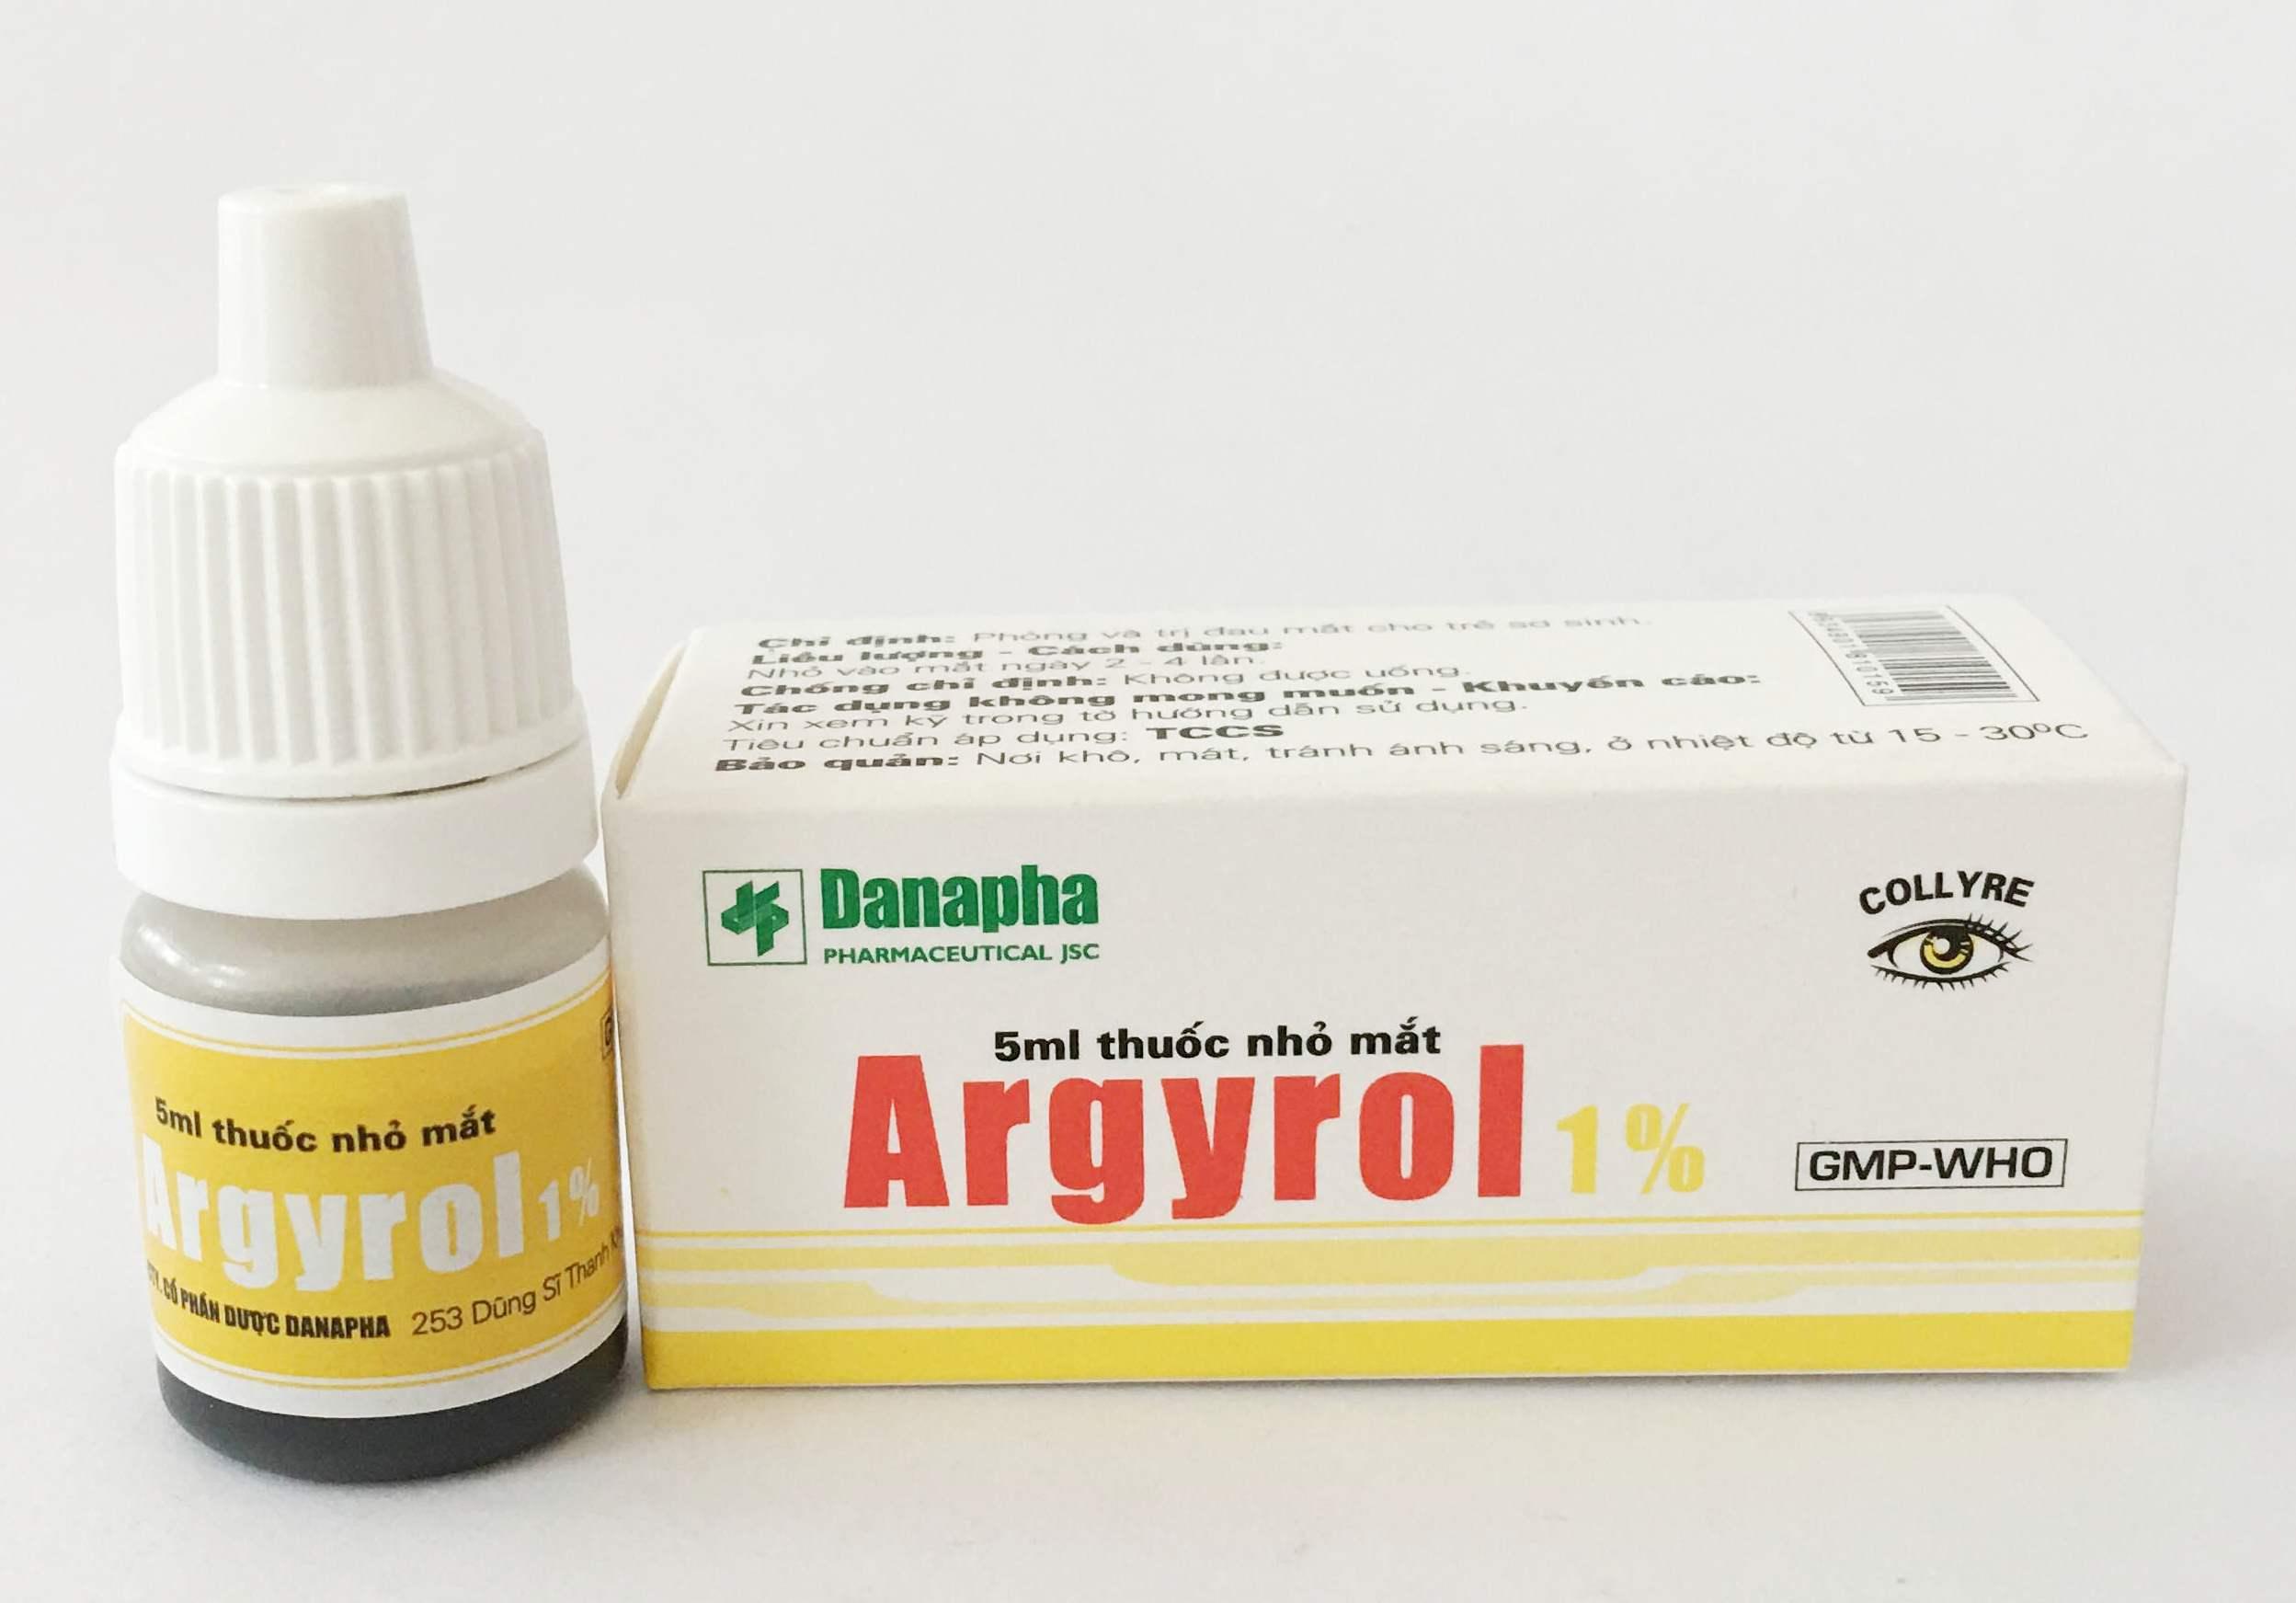 Thông tin chung về loại thuốc argyrol mọi người nên biết 1